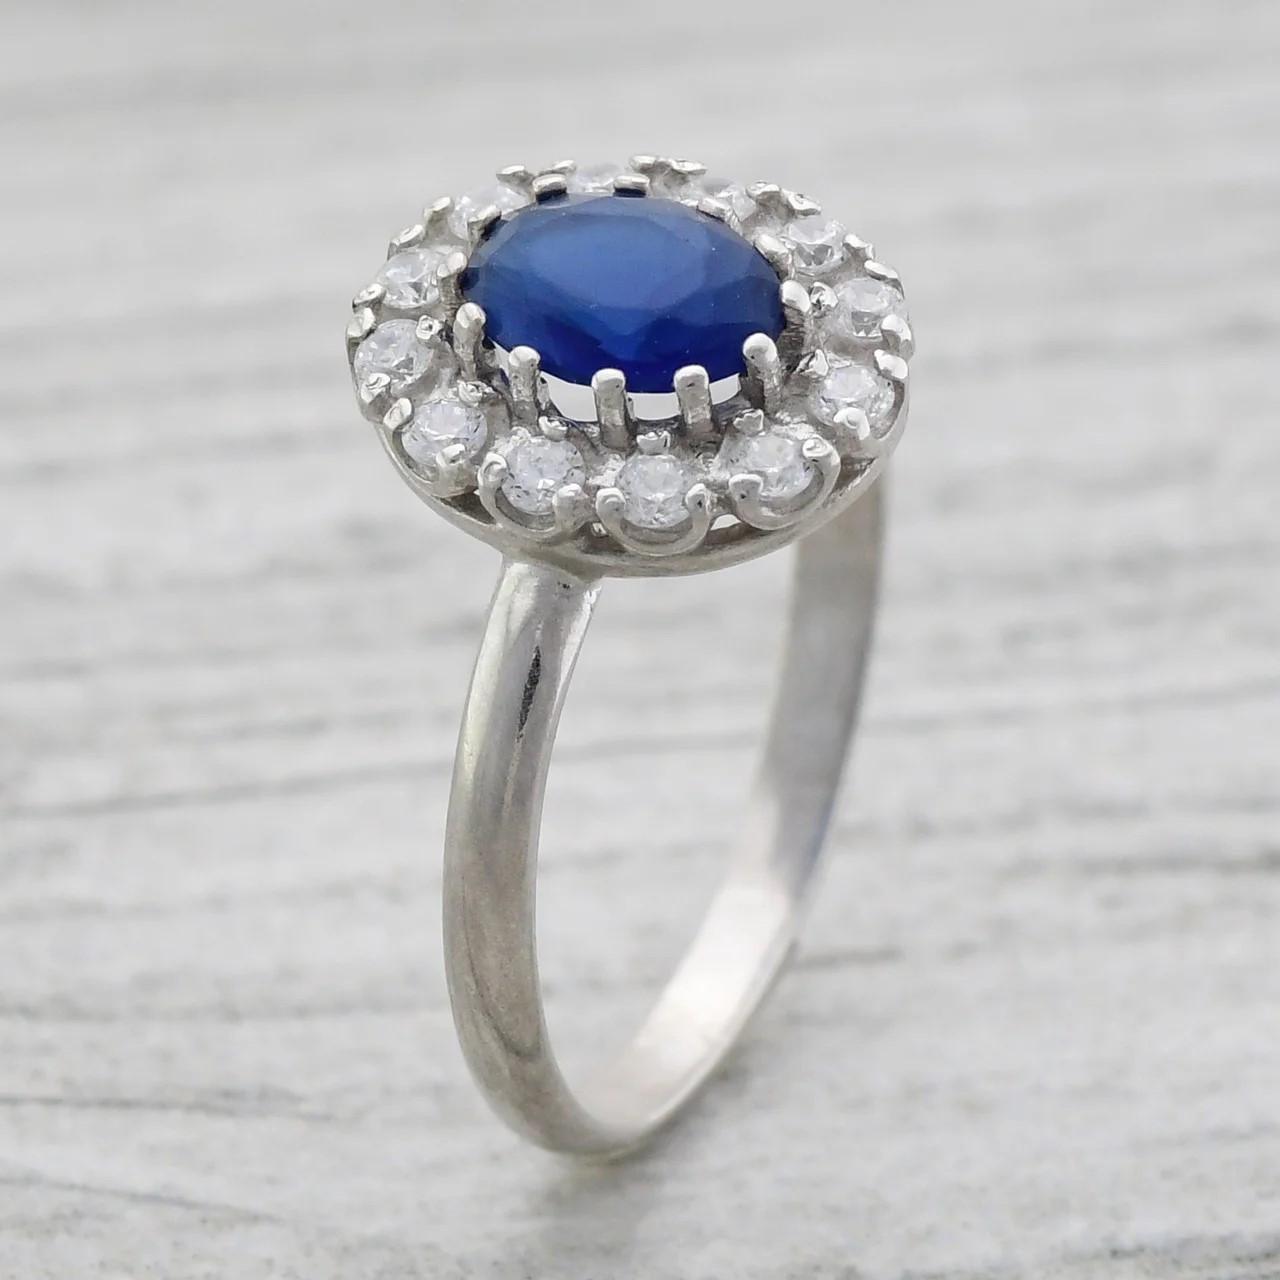 Серебряное кольцо Карамель вставка синий фианит вес 2.15 г размер 16